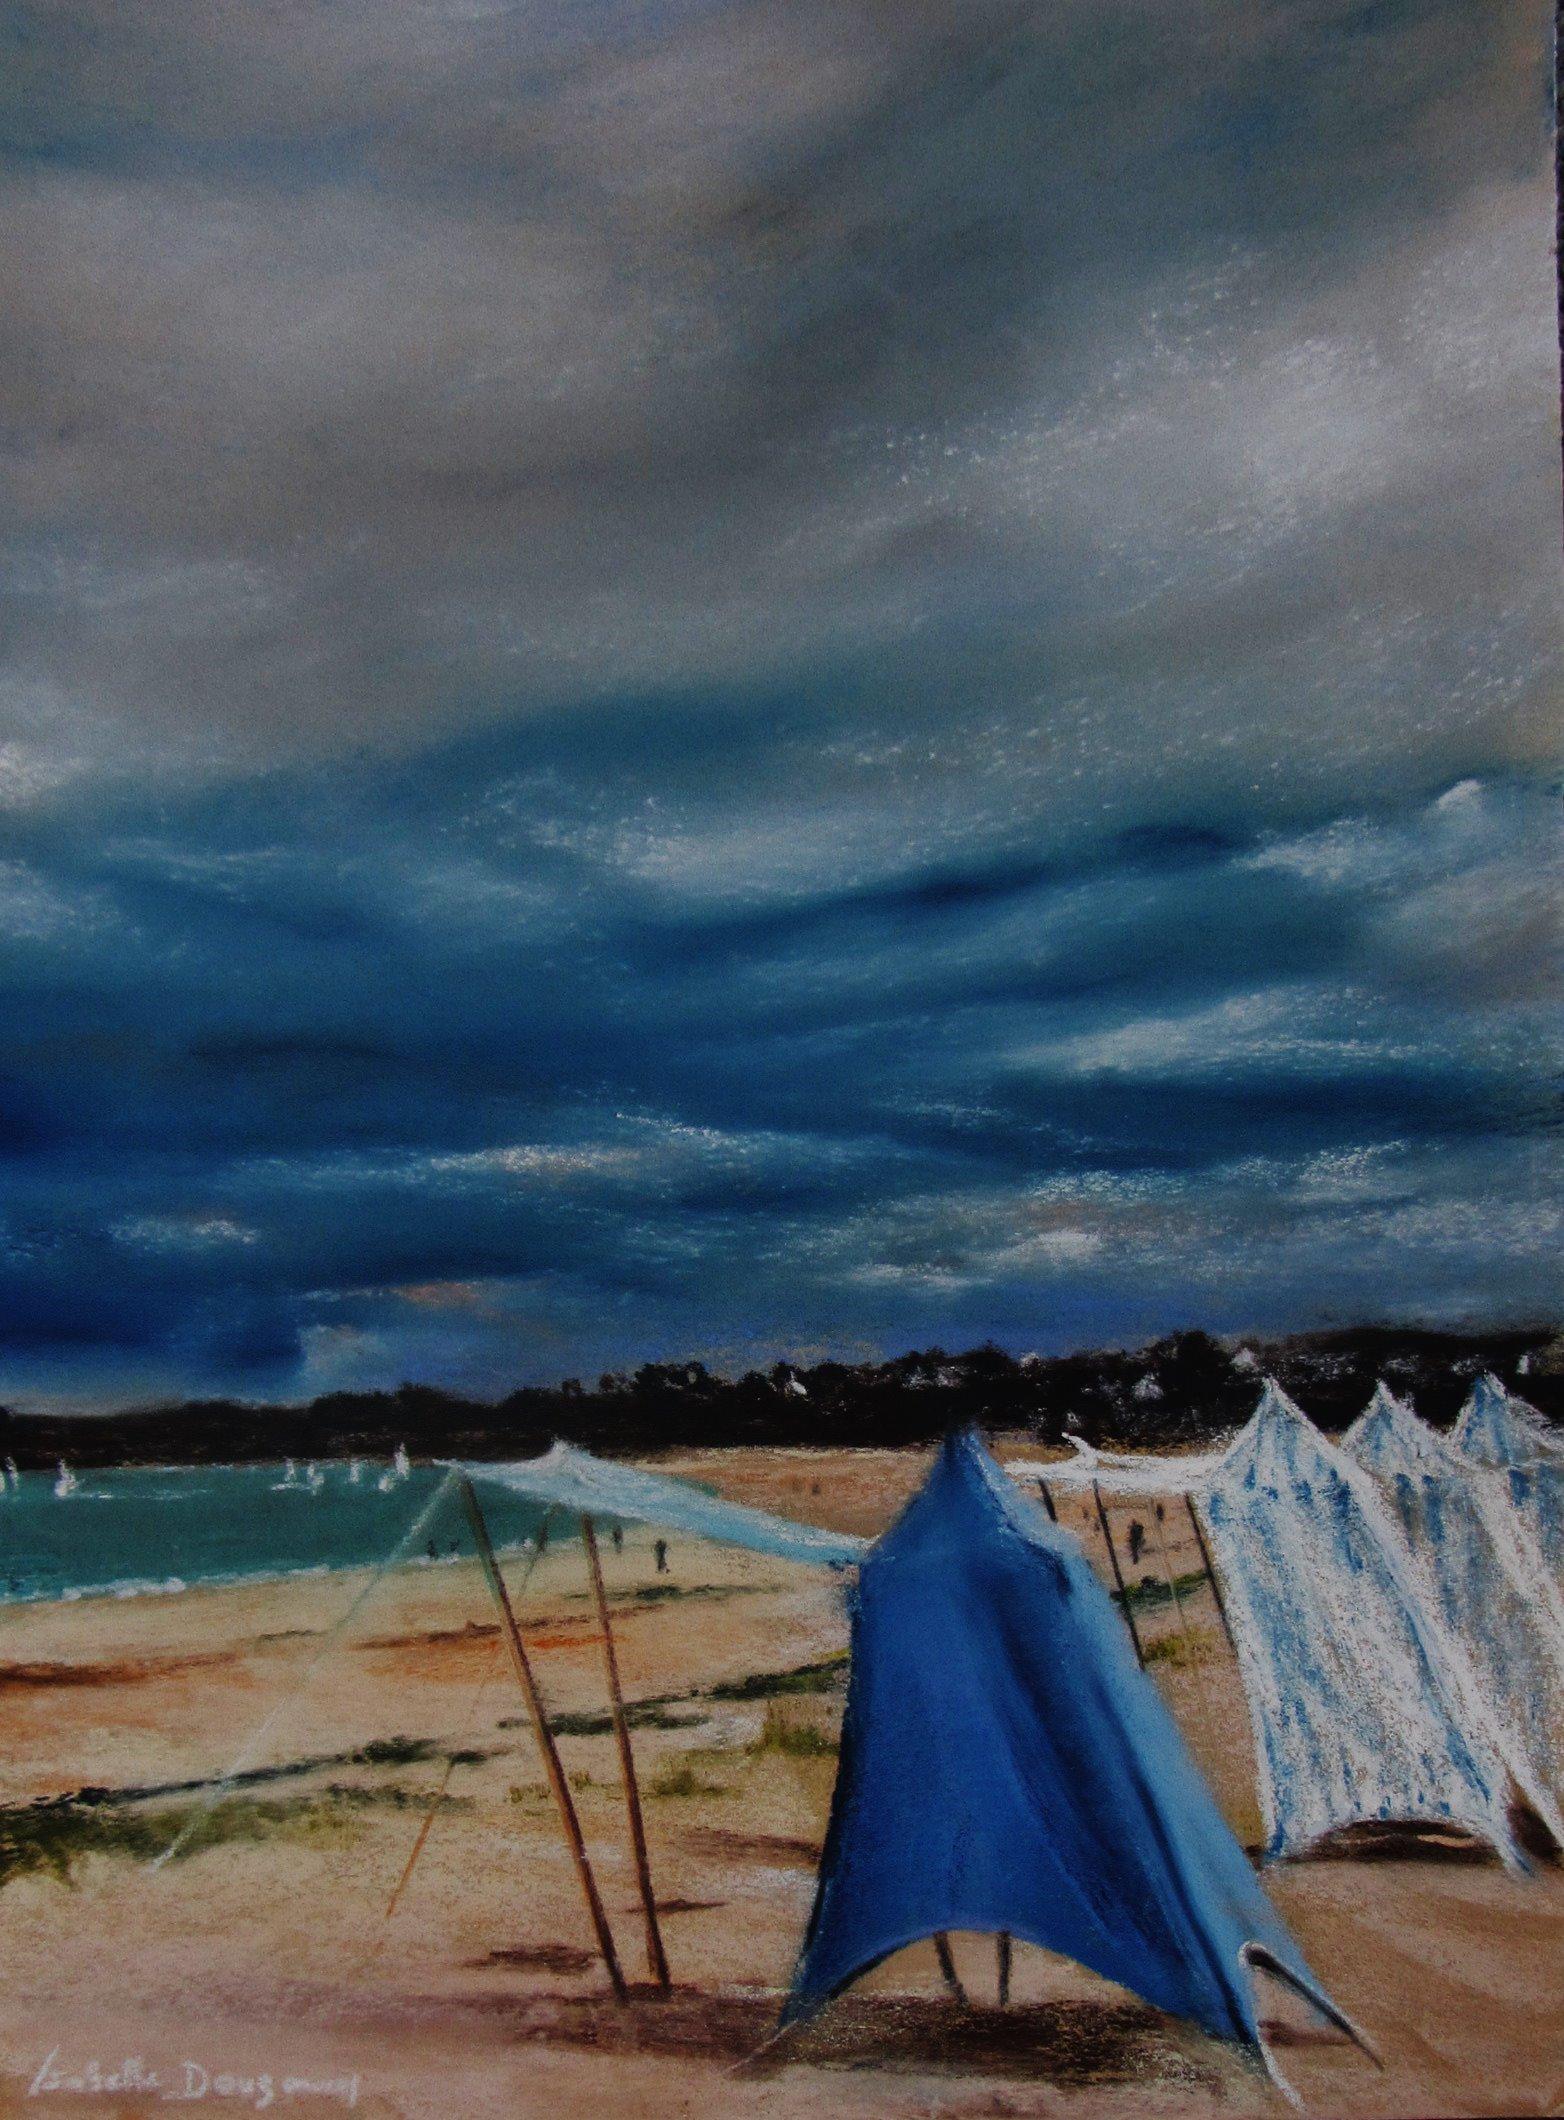 Les tentes sur la plage de Saint-Cast-Le-Guildo - Peinture au pastel sec par l'artiste peintre Isabelle Douzamy - 40x50 cm (encadré)